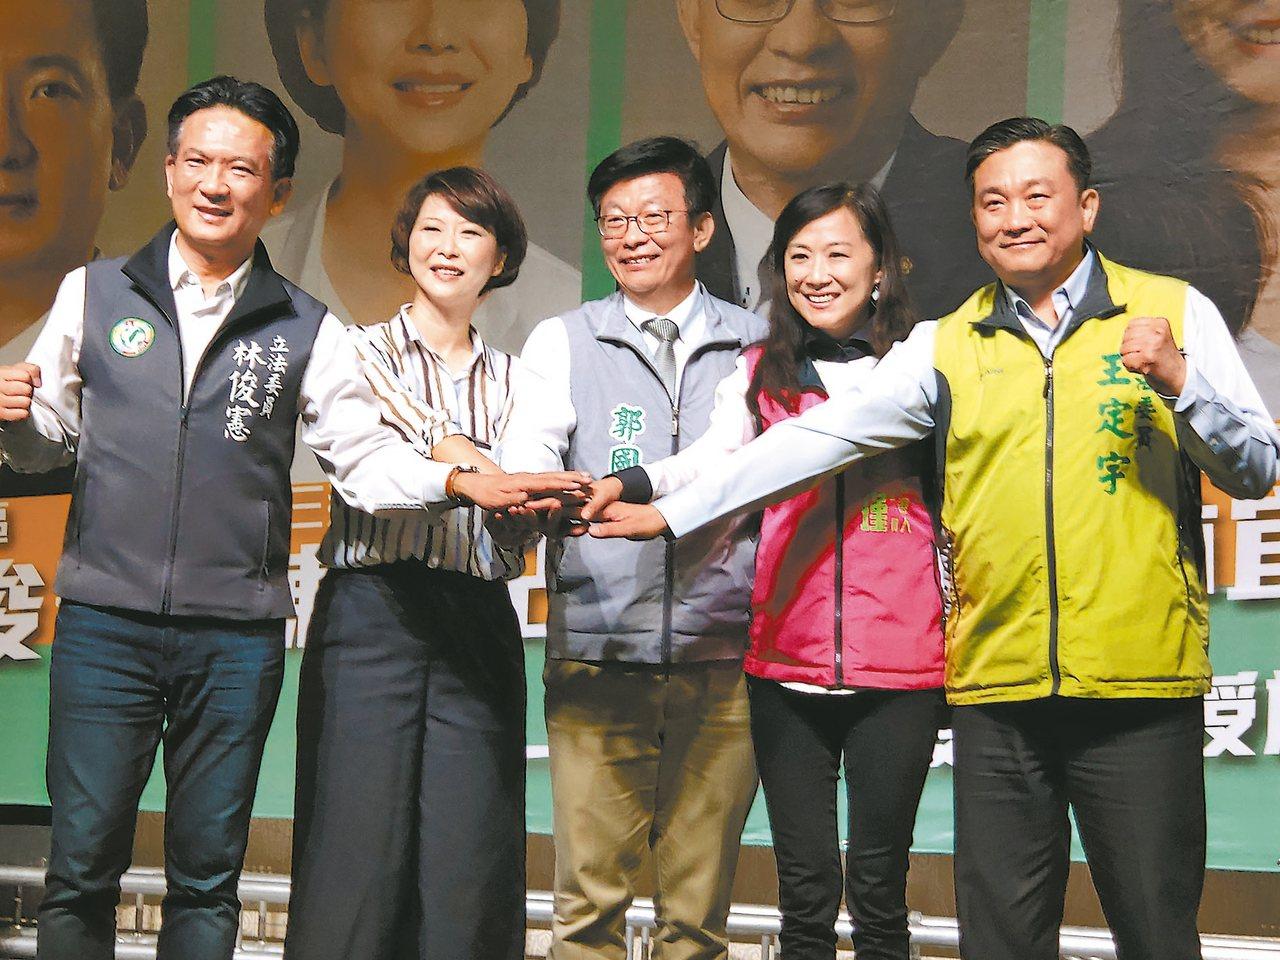 台南醫界舉辦後援大會,立委林俊憲(左起)、陳亭妃、郭國文、林宜瑾和王定宇都出席。...